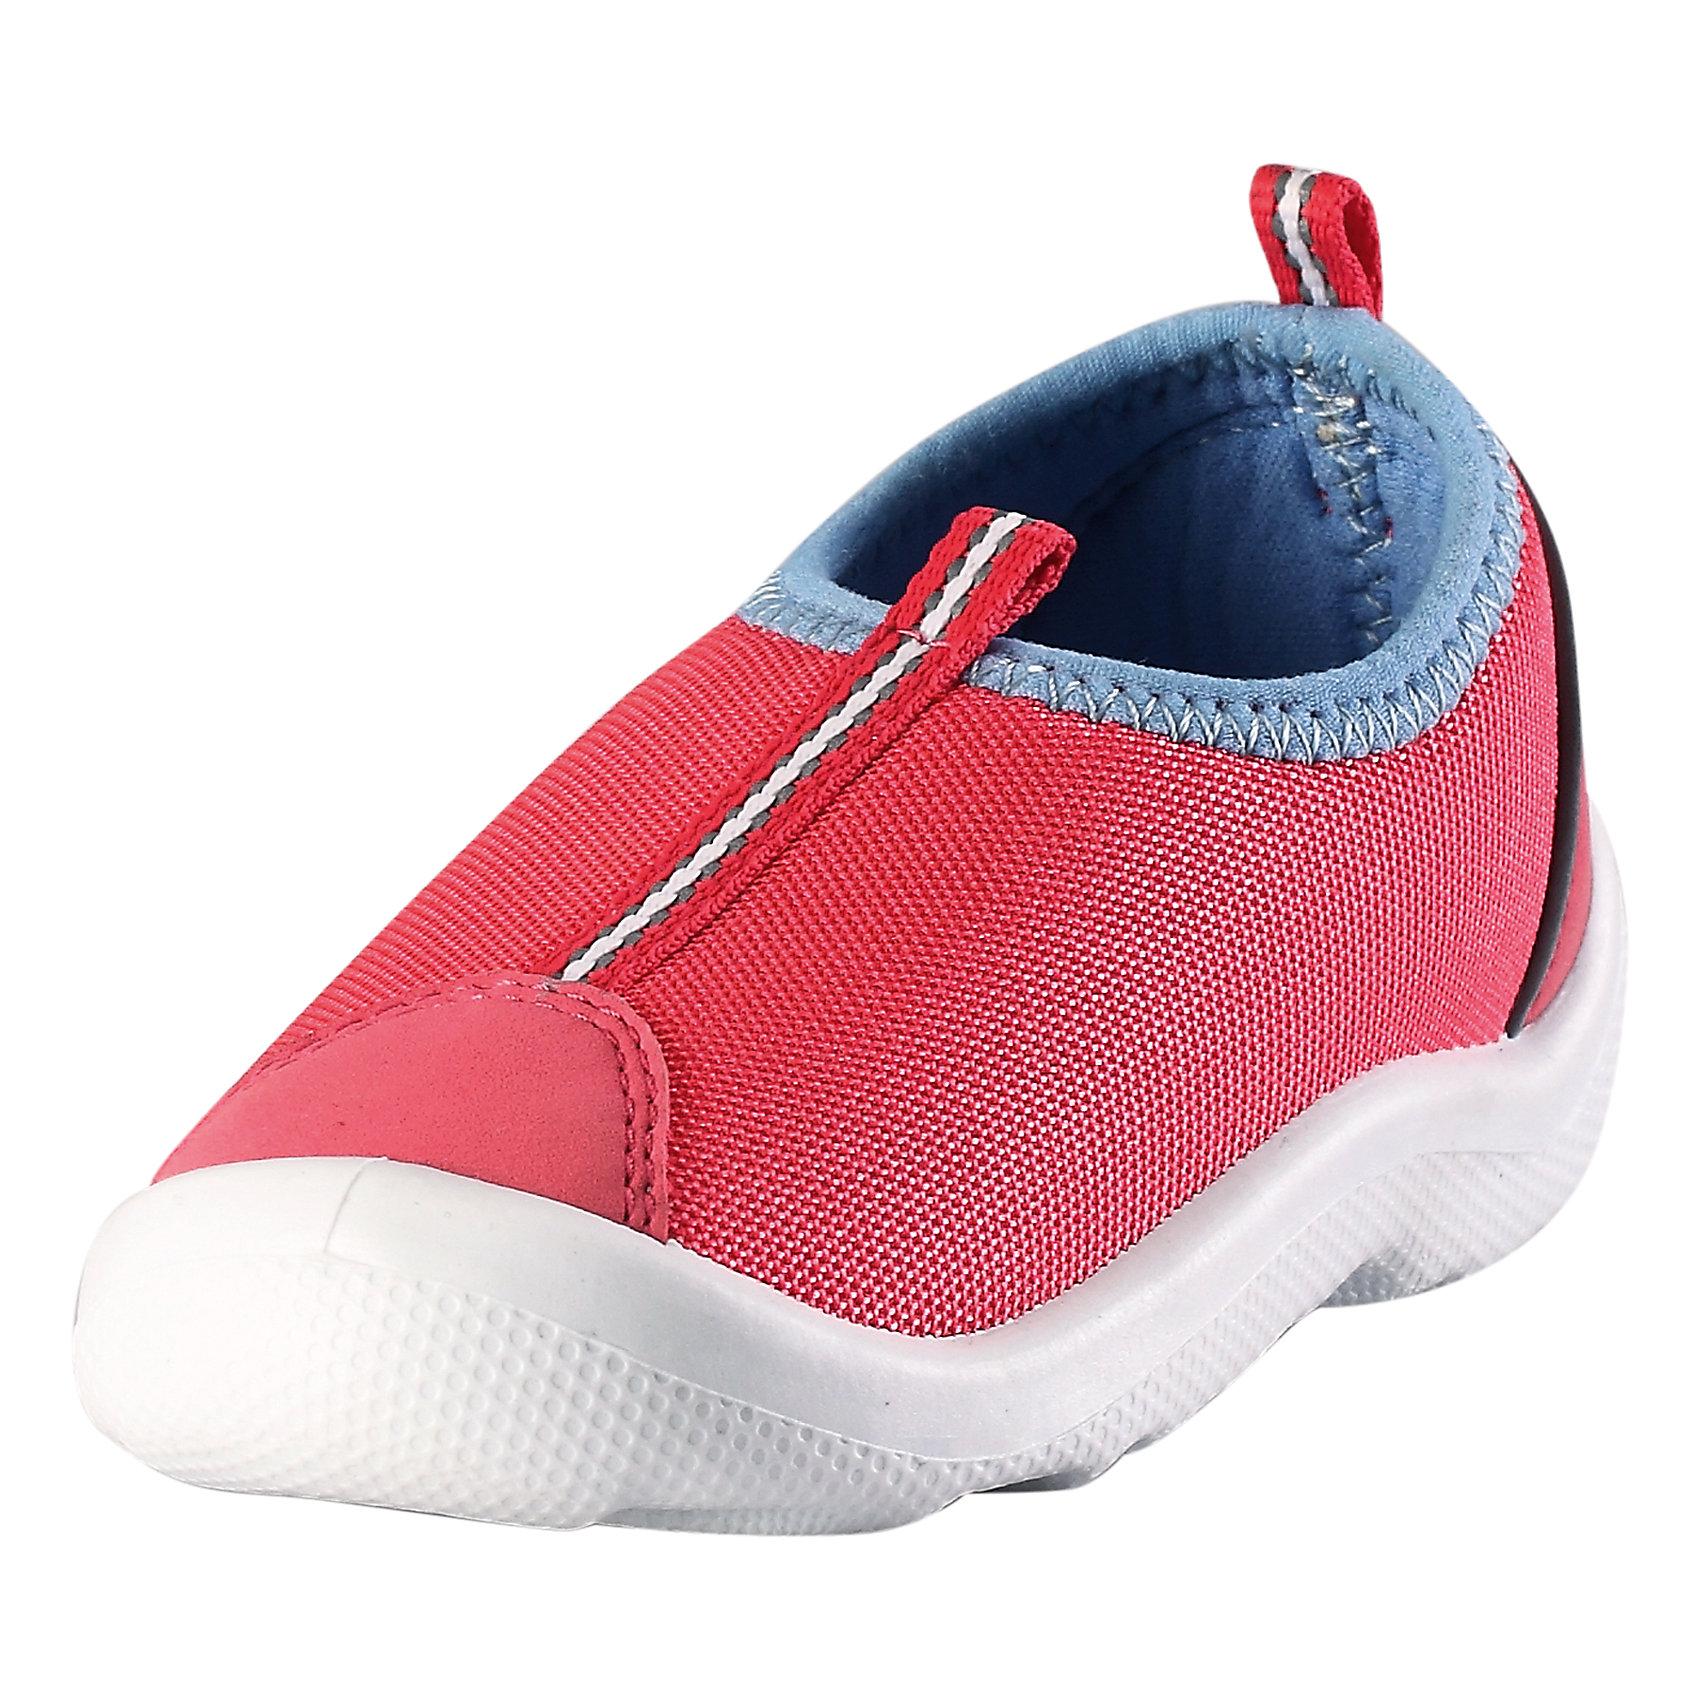 Кроссовки ReimaОбувь<br>Кроссовки  от финского бренда Reima<br>Обувь для малышей. Верх из текстиля. Простой в уходе материал верха защищает от брызг. Прочная, не оставляющая следов подошва обладает антистатическим эффектом. Немаркирующие подошвы. Подкладка из лайкры для удобства использования. Съемные стельки с рисунком Happy Fit, которые помогают определить размер. Легко надеваются на ноги. Можно стирать в машине при температуре 30 °C.<br>Состав:<br>Подошва: Термопластичная резина,  Верх: ПЭ<br><br>Уход:<br>Храните обувь в вертикальном положении при комнатной температуре. Сушить обувь всегда следует при комнатной температуре: вынув съемные стельки. Стельки следует время от времени заменять на новые. Налипшую грязь можно счищать щеткой или влажной тряпкой. Перед использованием обувь рекомендуется обрабатывать специальными защитными средствами.<br><br>Ширина мм: 227<br>Глубина мм: 145<br>Высота мм: 124<br>Вес г: 325<br>Цвет: розовый<br>Возраст от месяцев: 18<br>Возраст до месяцев: 21<br>Пол: Унисекс<br>Возраст: Детский<br>Размер: 23,20,21,24,25,26,27,22<br>SKU: 5267286